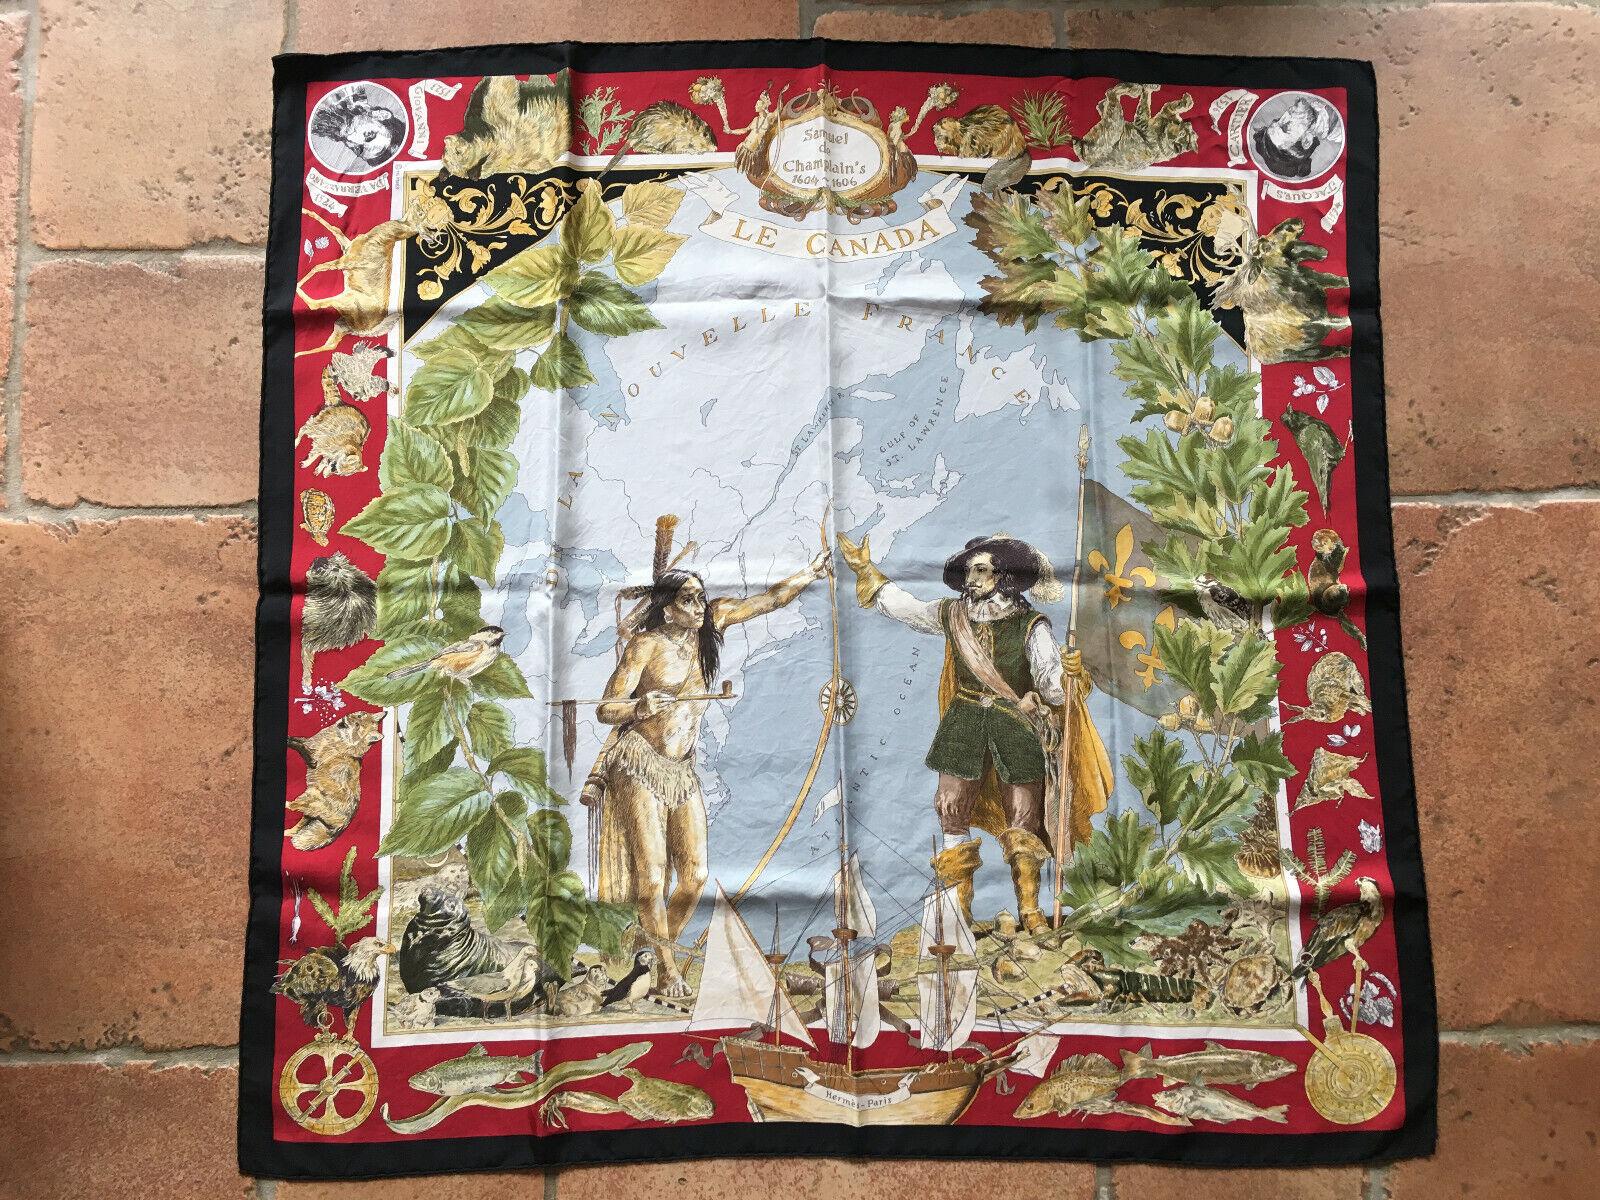 Foulard carré hermès en soie - le canada - 90 x 90 cm